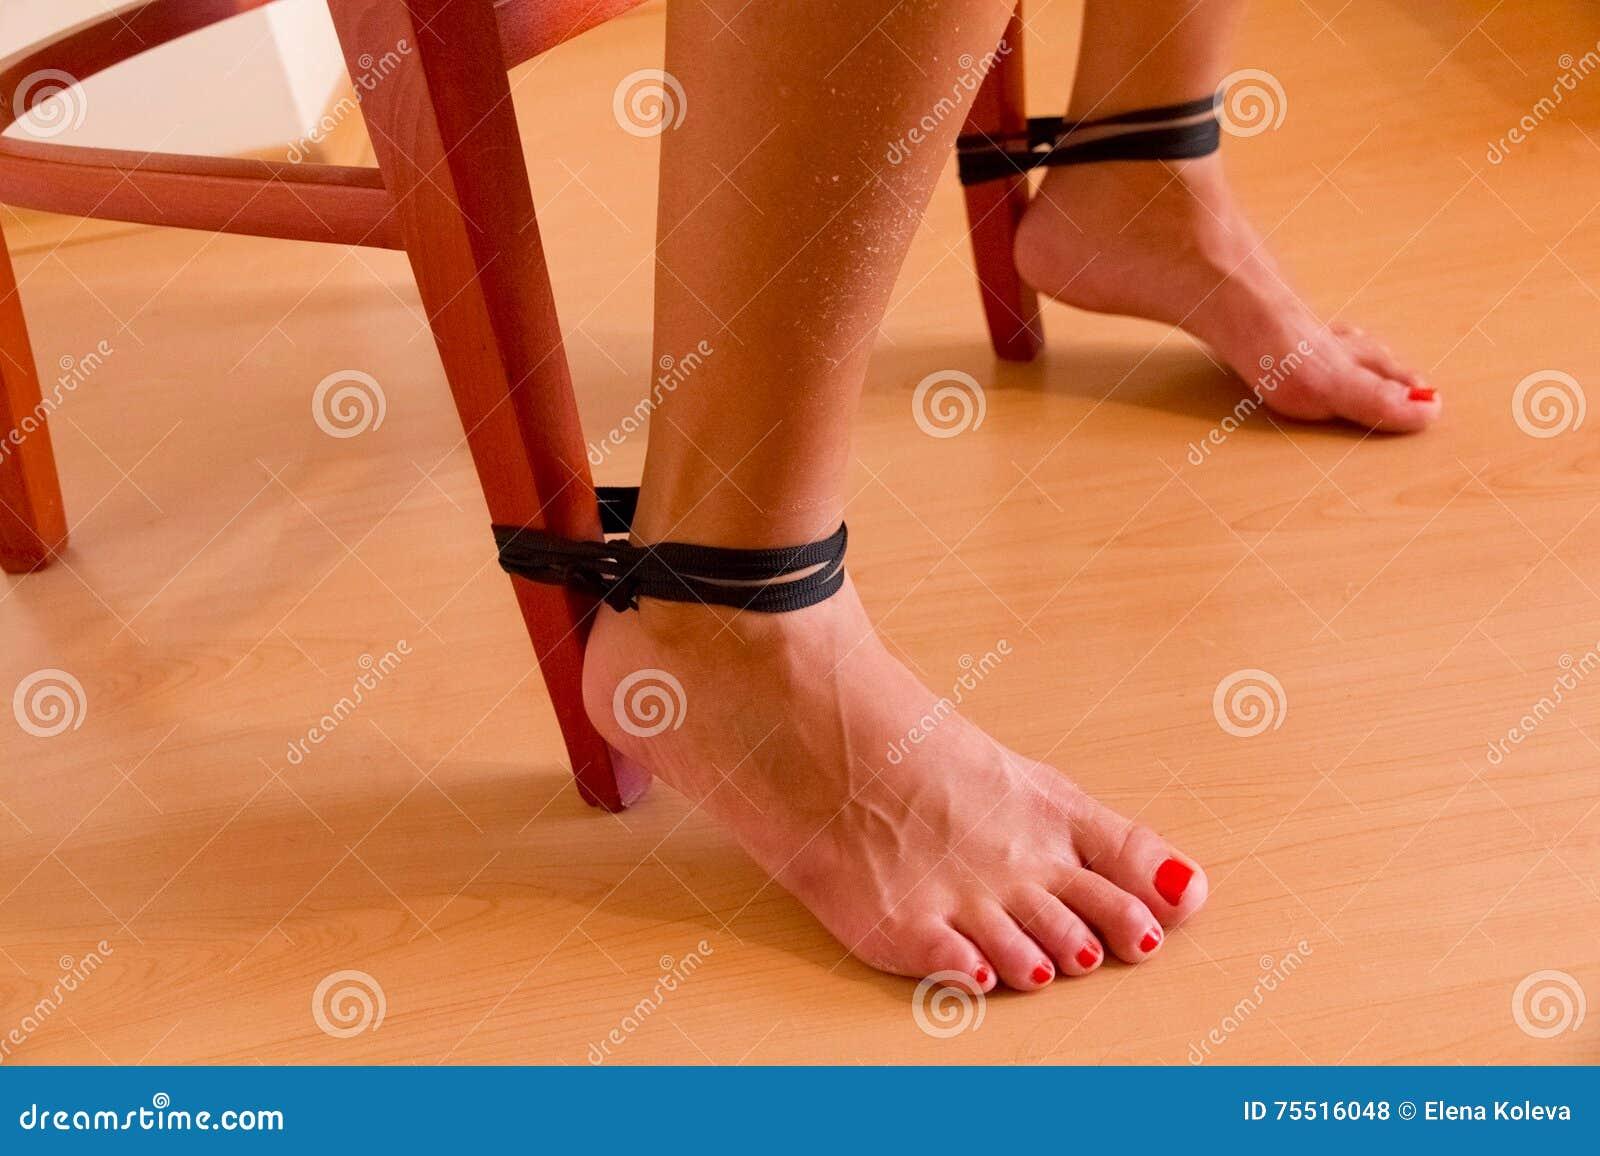 female feet tied to chair stock photo 75516048 - megapixl